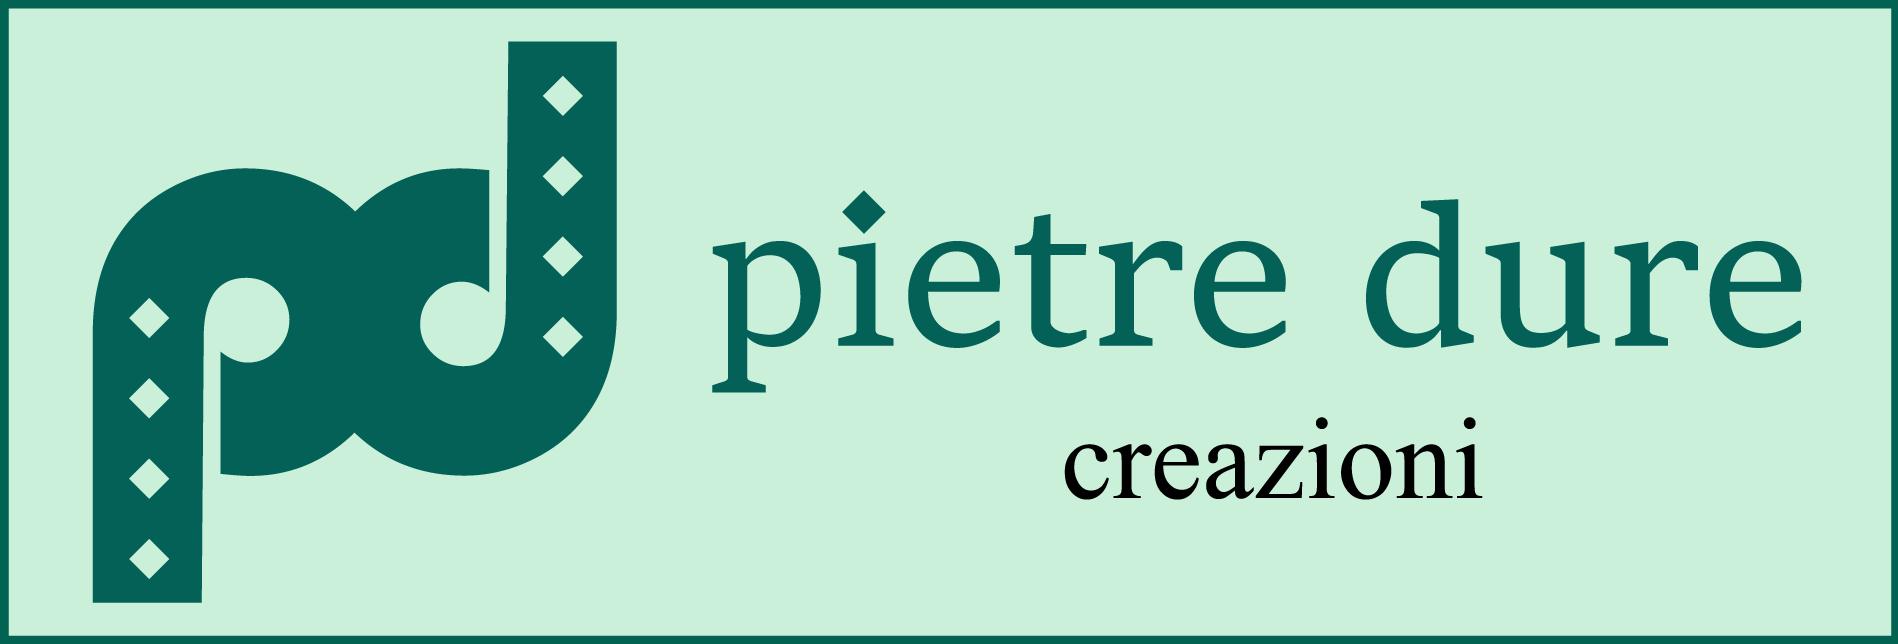 Pietre Dure Creazioni – Gioielli artigianali ed elementi d'arredo unici